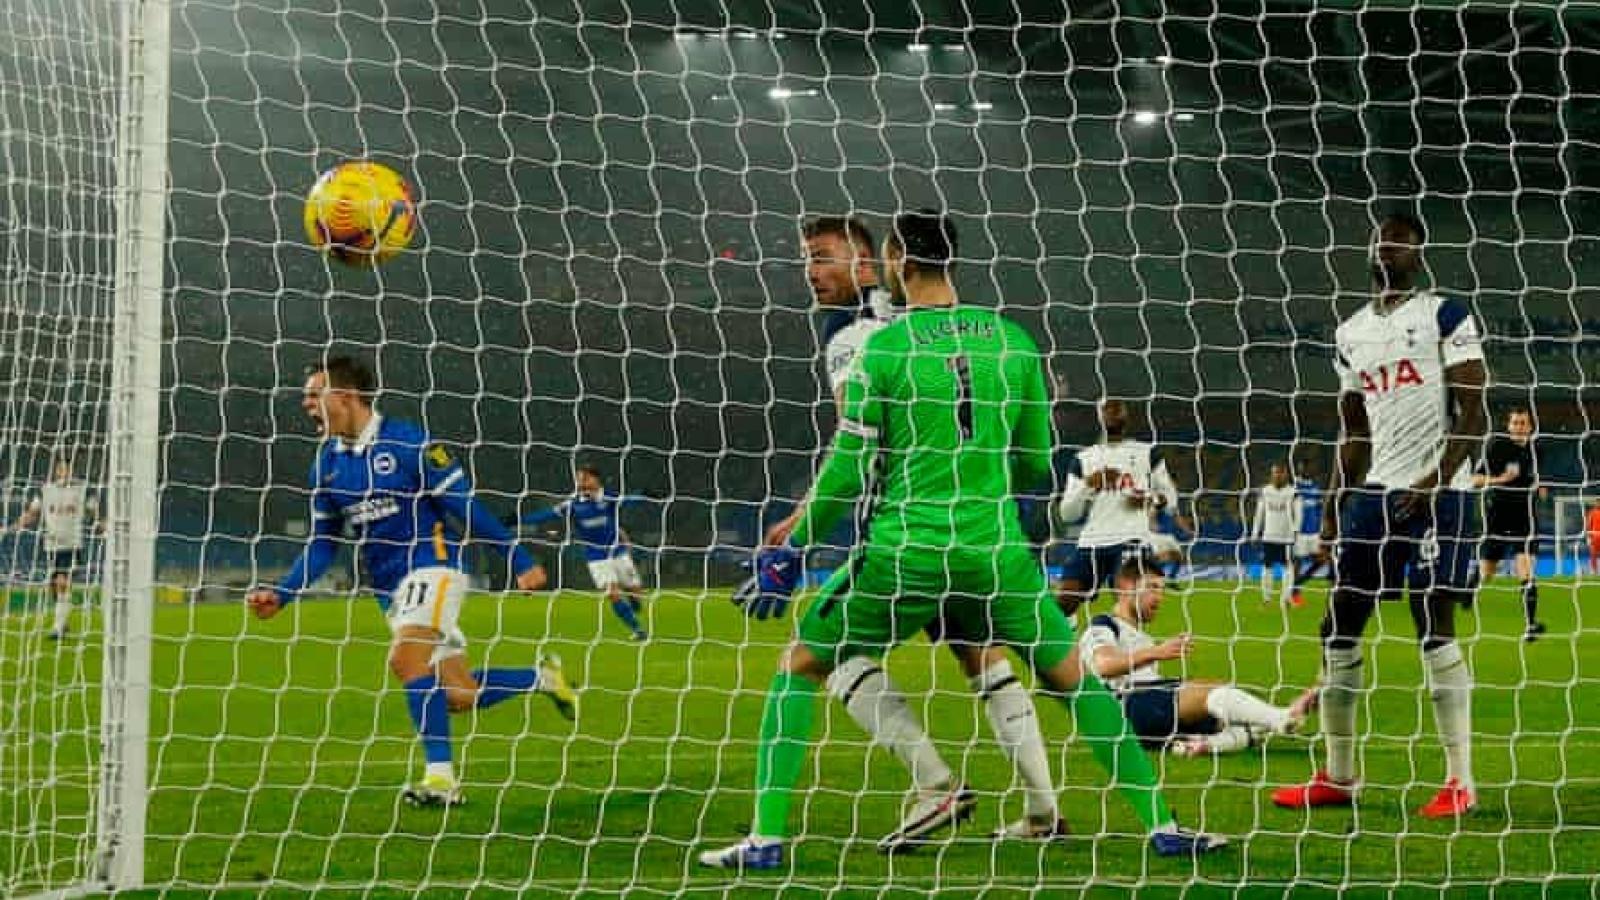 Gục ngã trước Brighton, Tottenham bỏ lỡ cơ hội áp sát top 4 Premier League